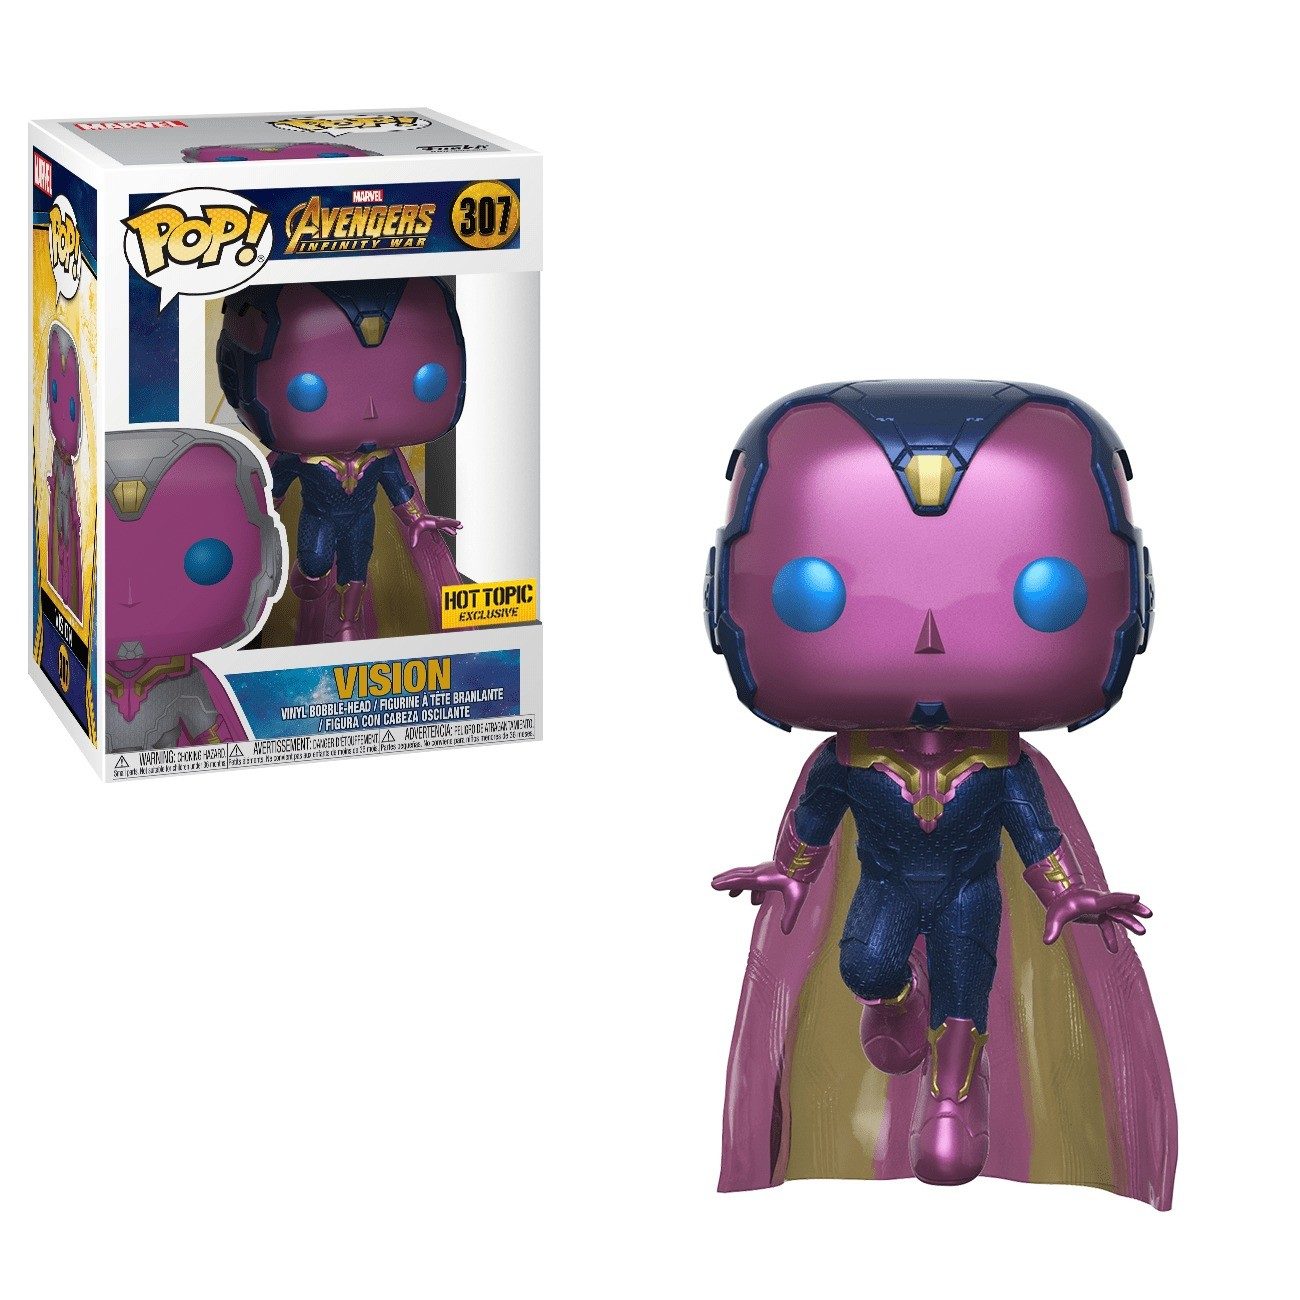 figurine pop 307